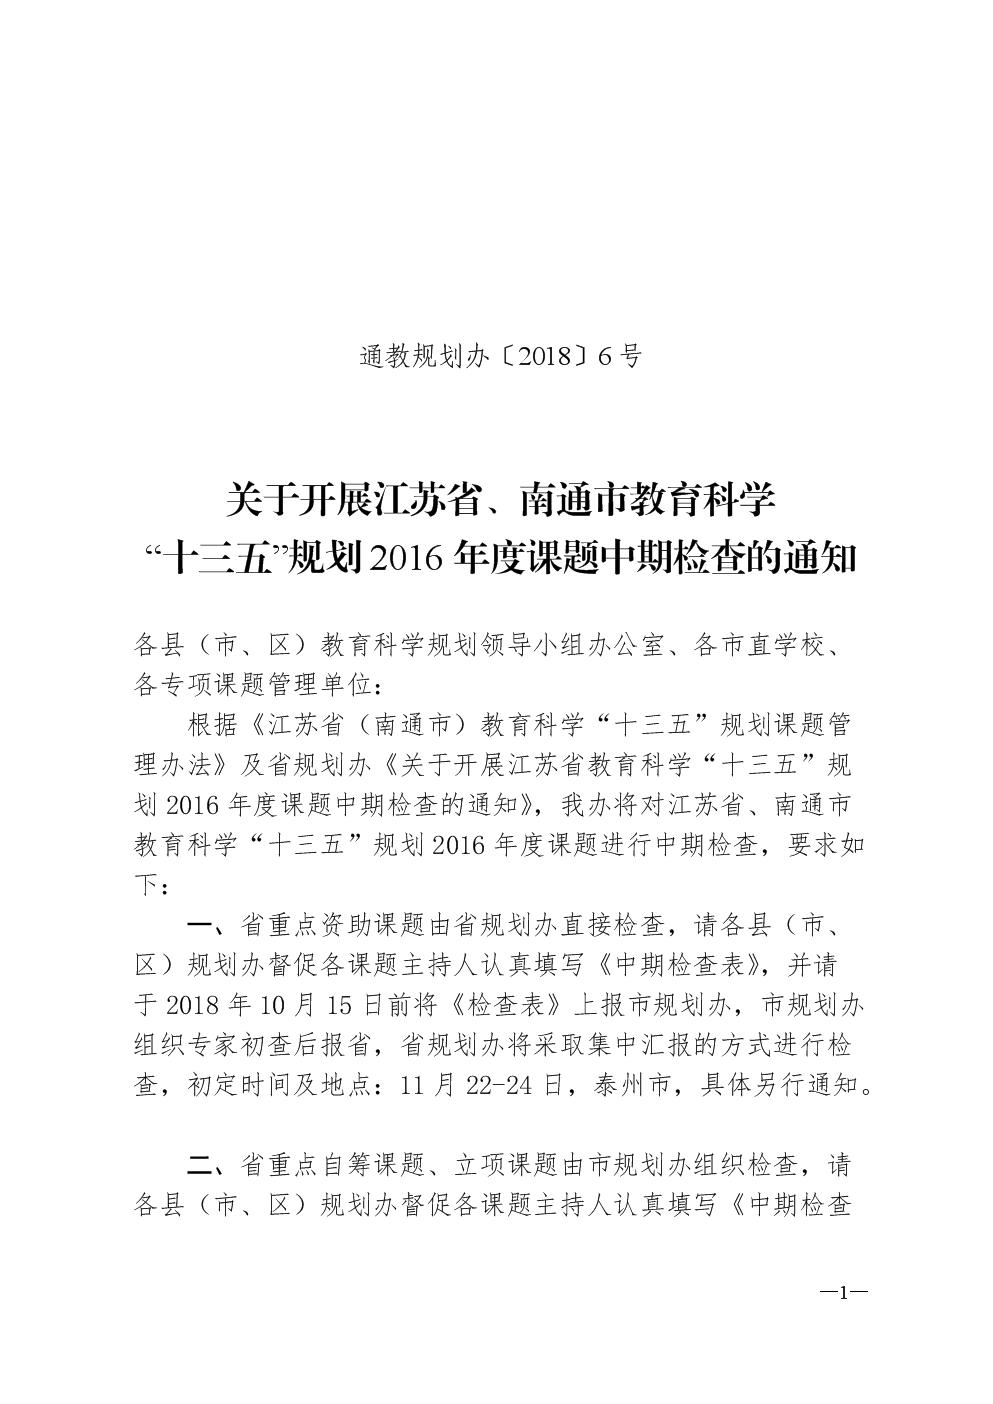 小学语文思维素养提升的理论与实践研究 姜树华 如皋市安定小学 立项